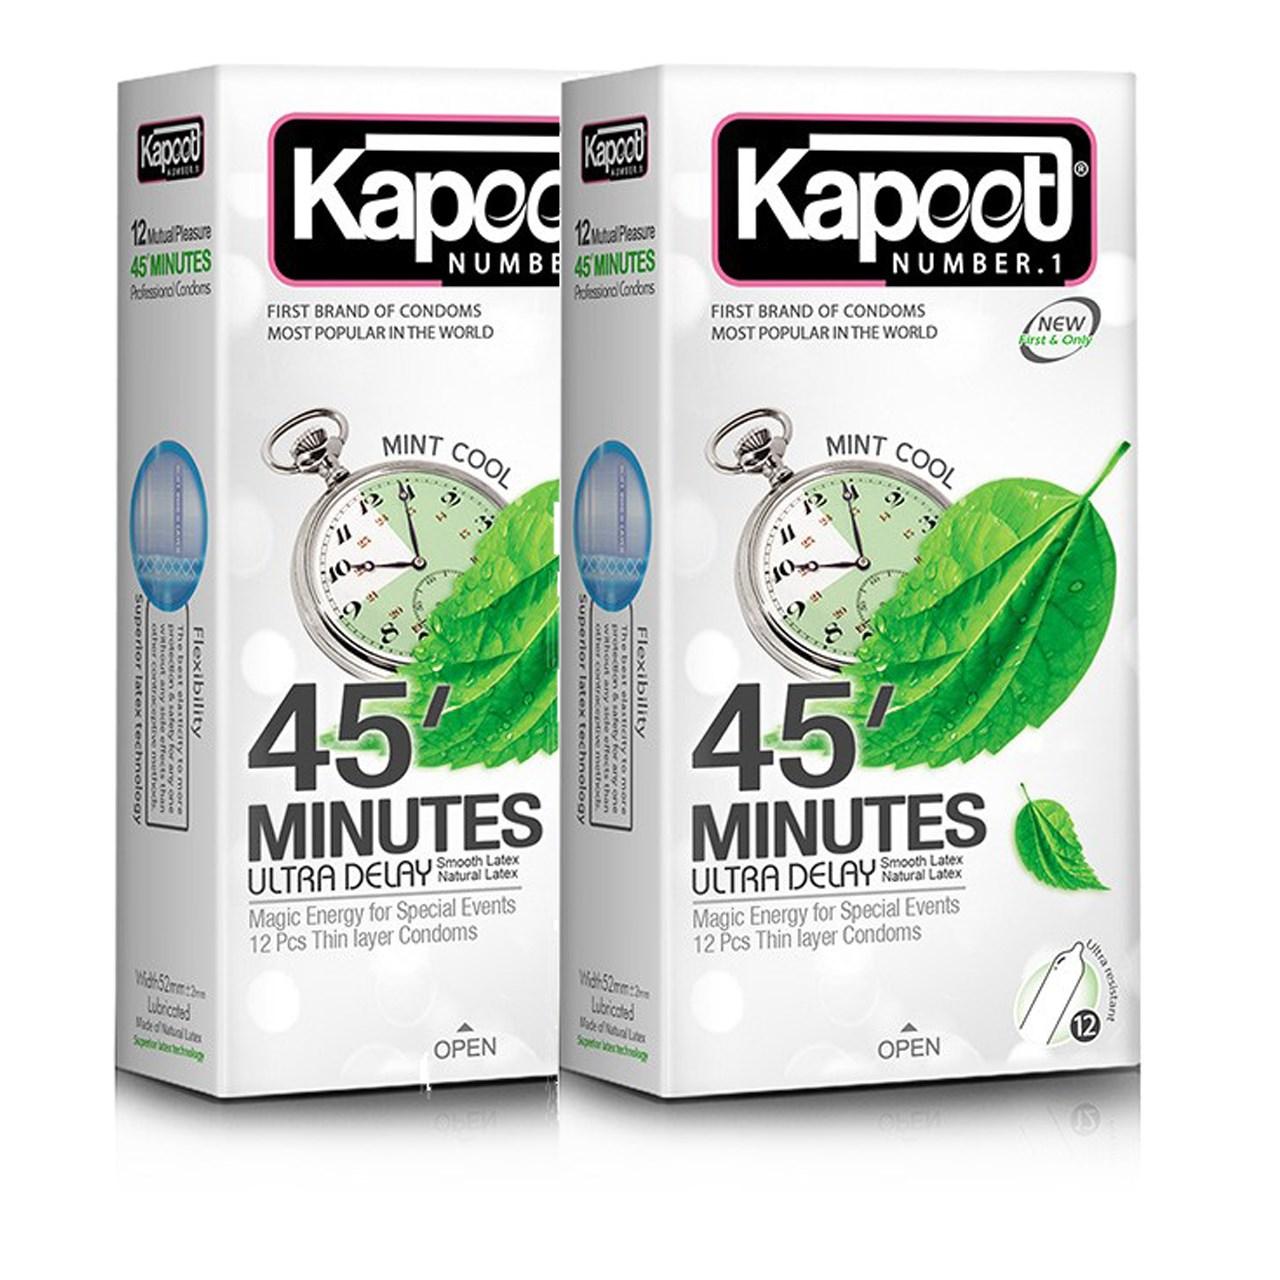 عکس کاندوم کاپوت مدل 45 Minutes دو بسته 12 عددی